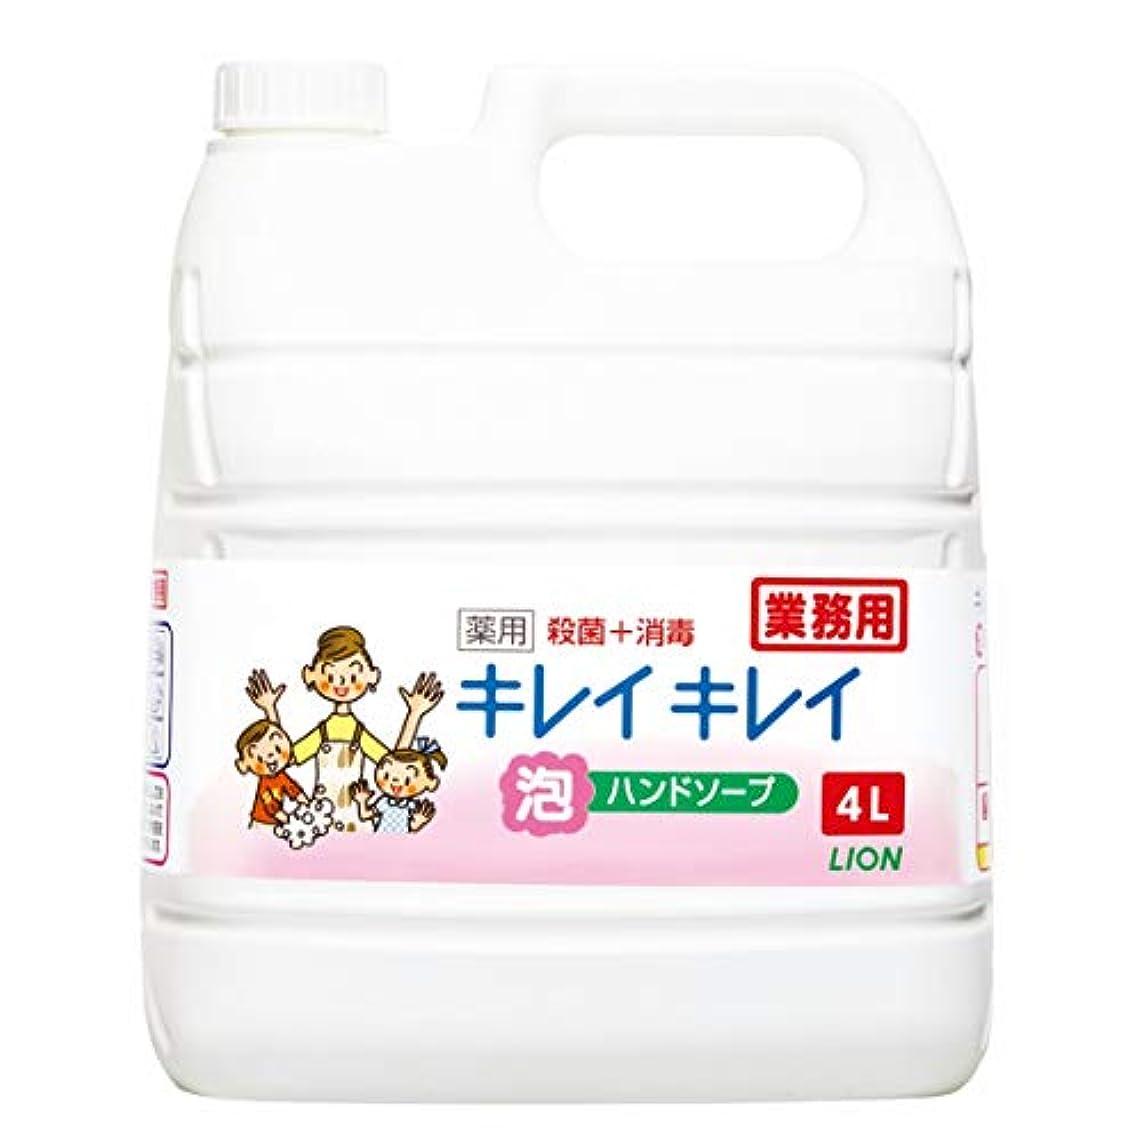 毎日最少最も遠い【業務用 大容量】キレイキレイ 薬用 泡ハンドソープ シトラスフルーティの香り 液体 単品 4L(医薬部外品)